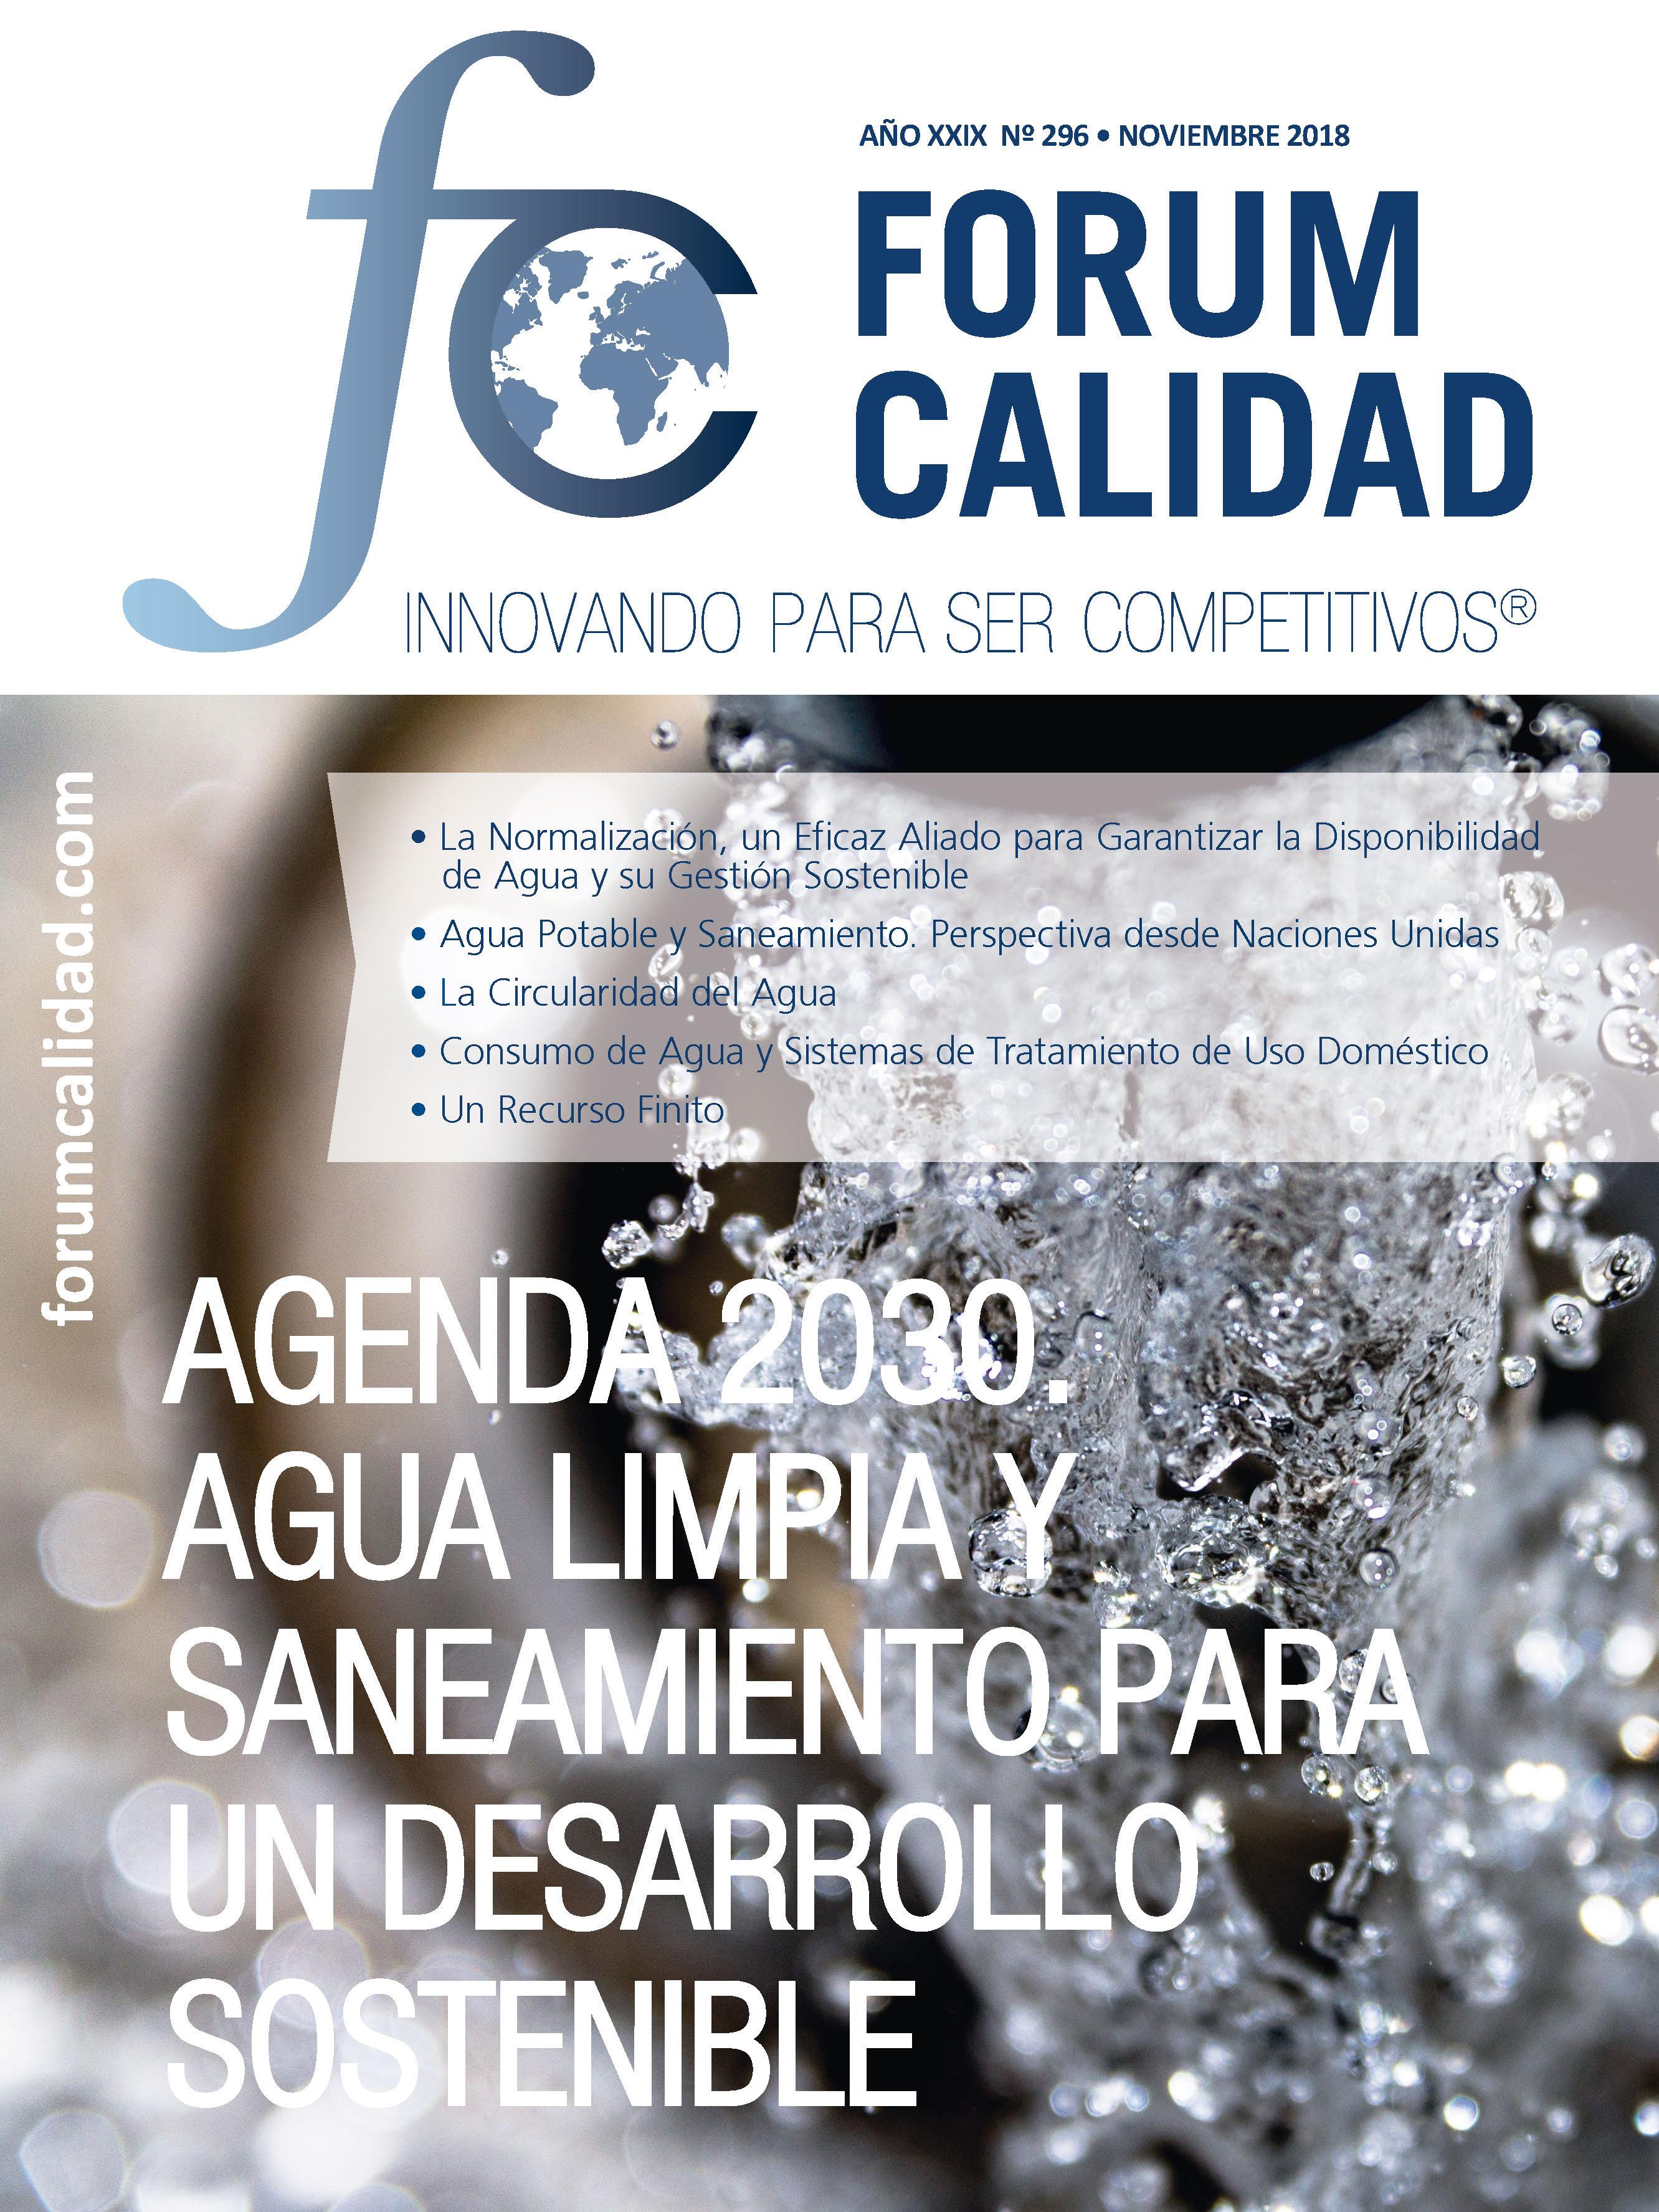 Forum Calidad nº 296 Noviembre 2018